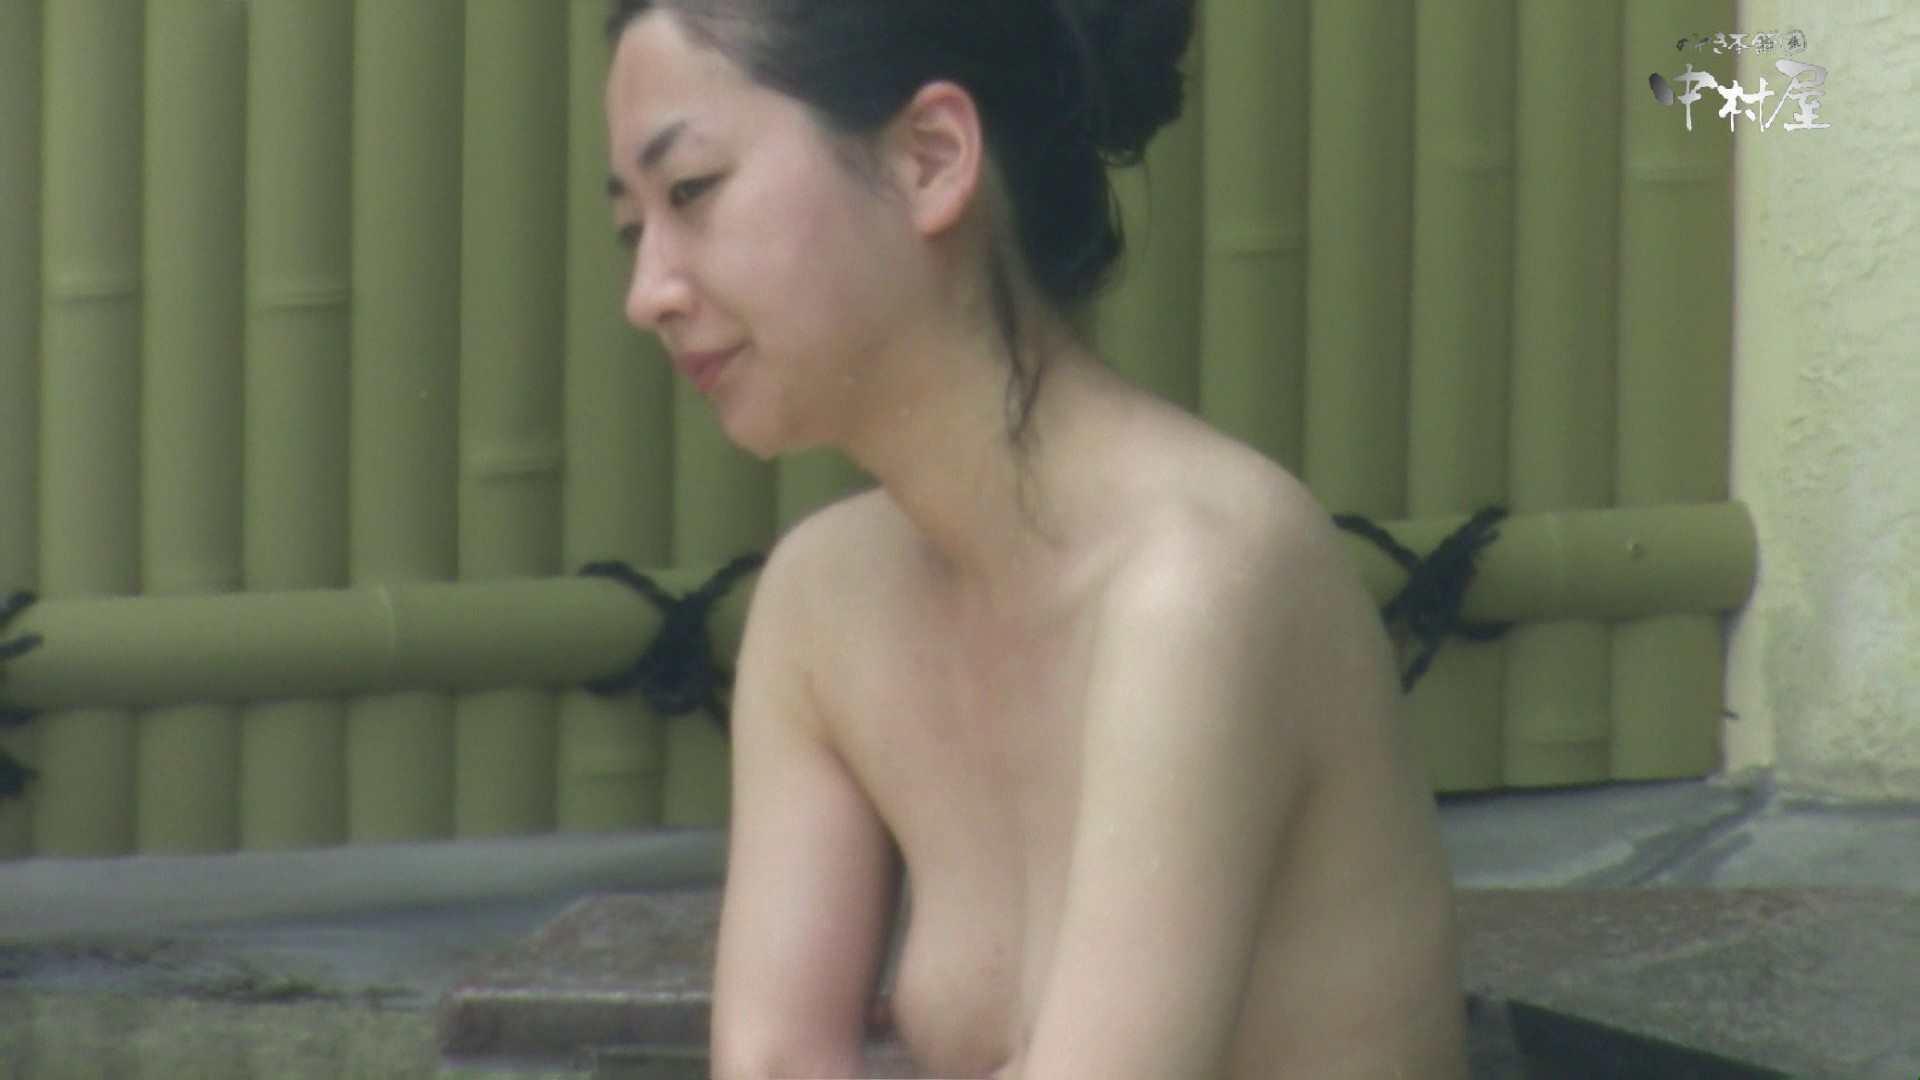 Aquaな露天風呂Vol.888 いやらしいOL オマンコ動画キャプチャ 85連発 11